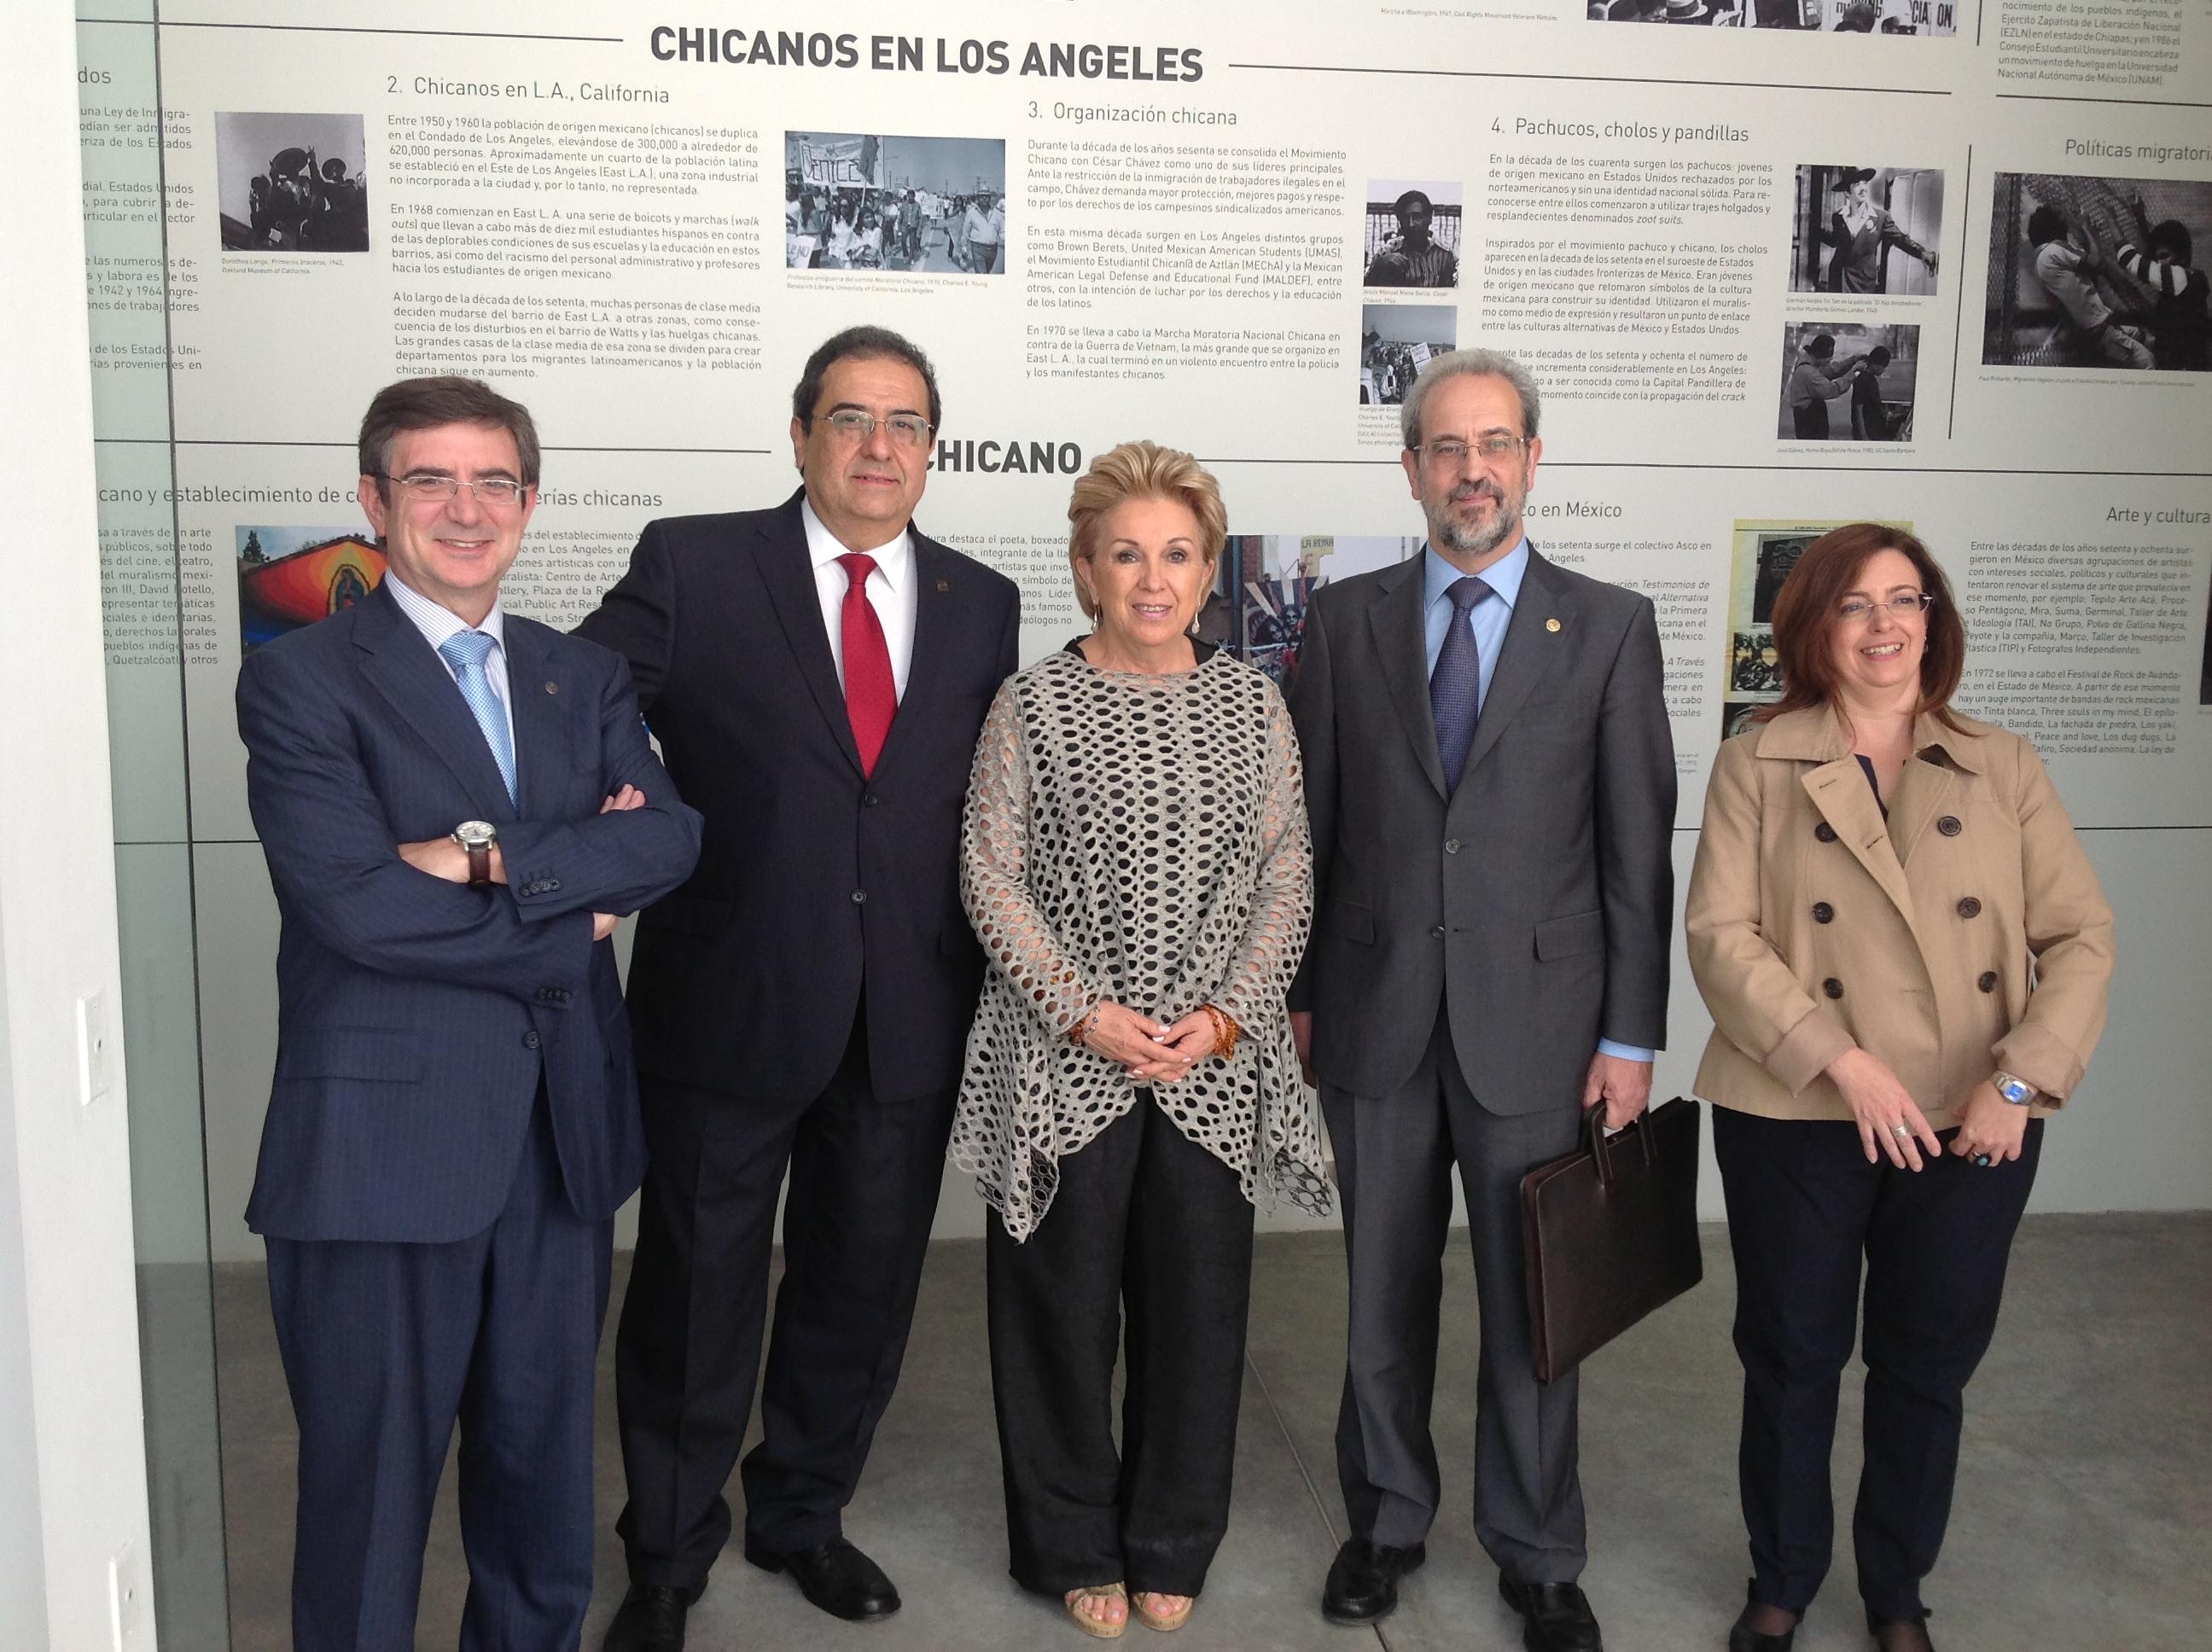 La Universidad de Salamanca y la UNAM colaboran en la producción e intercambio de contenidos audiovisuales sobre el español